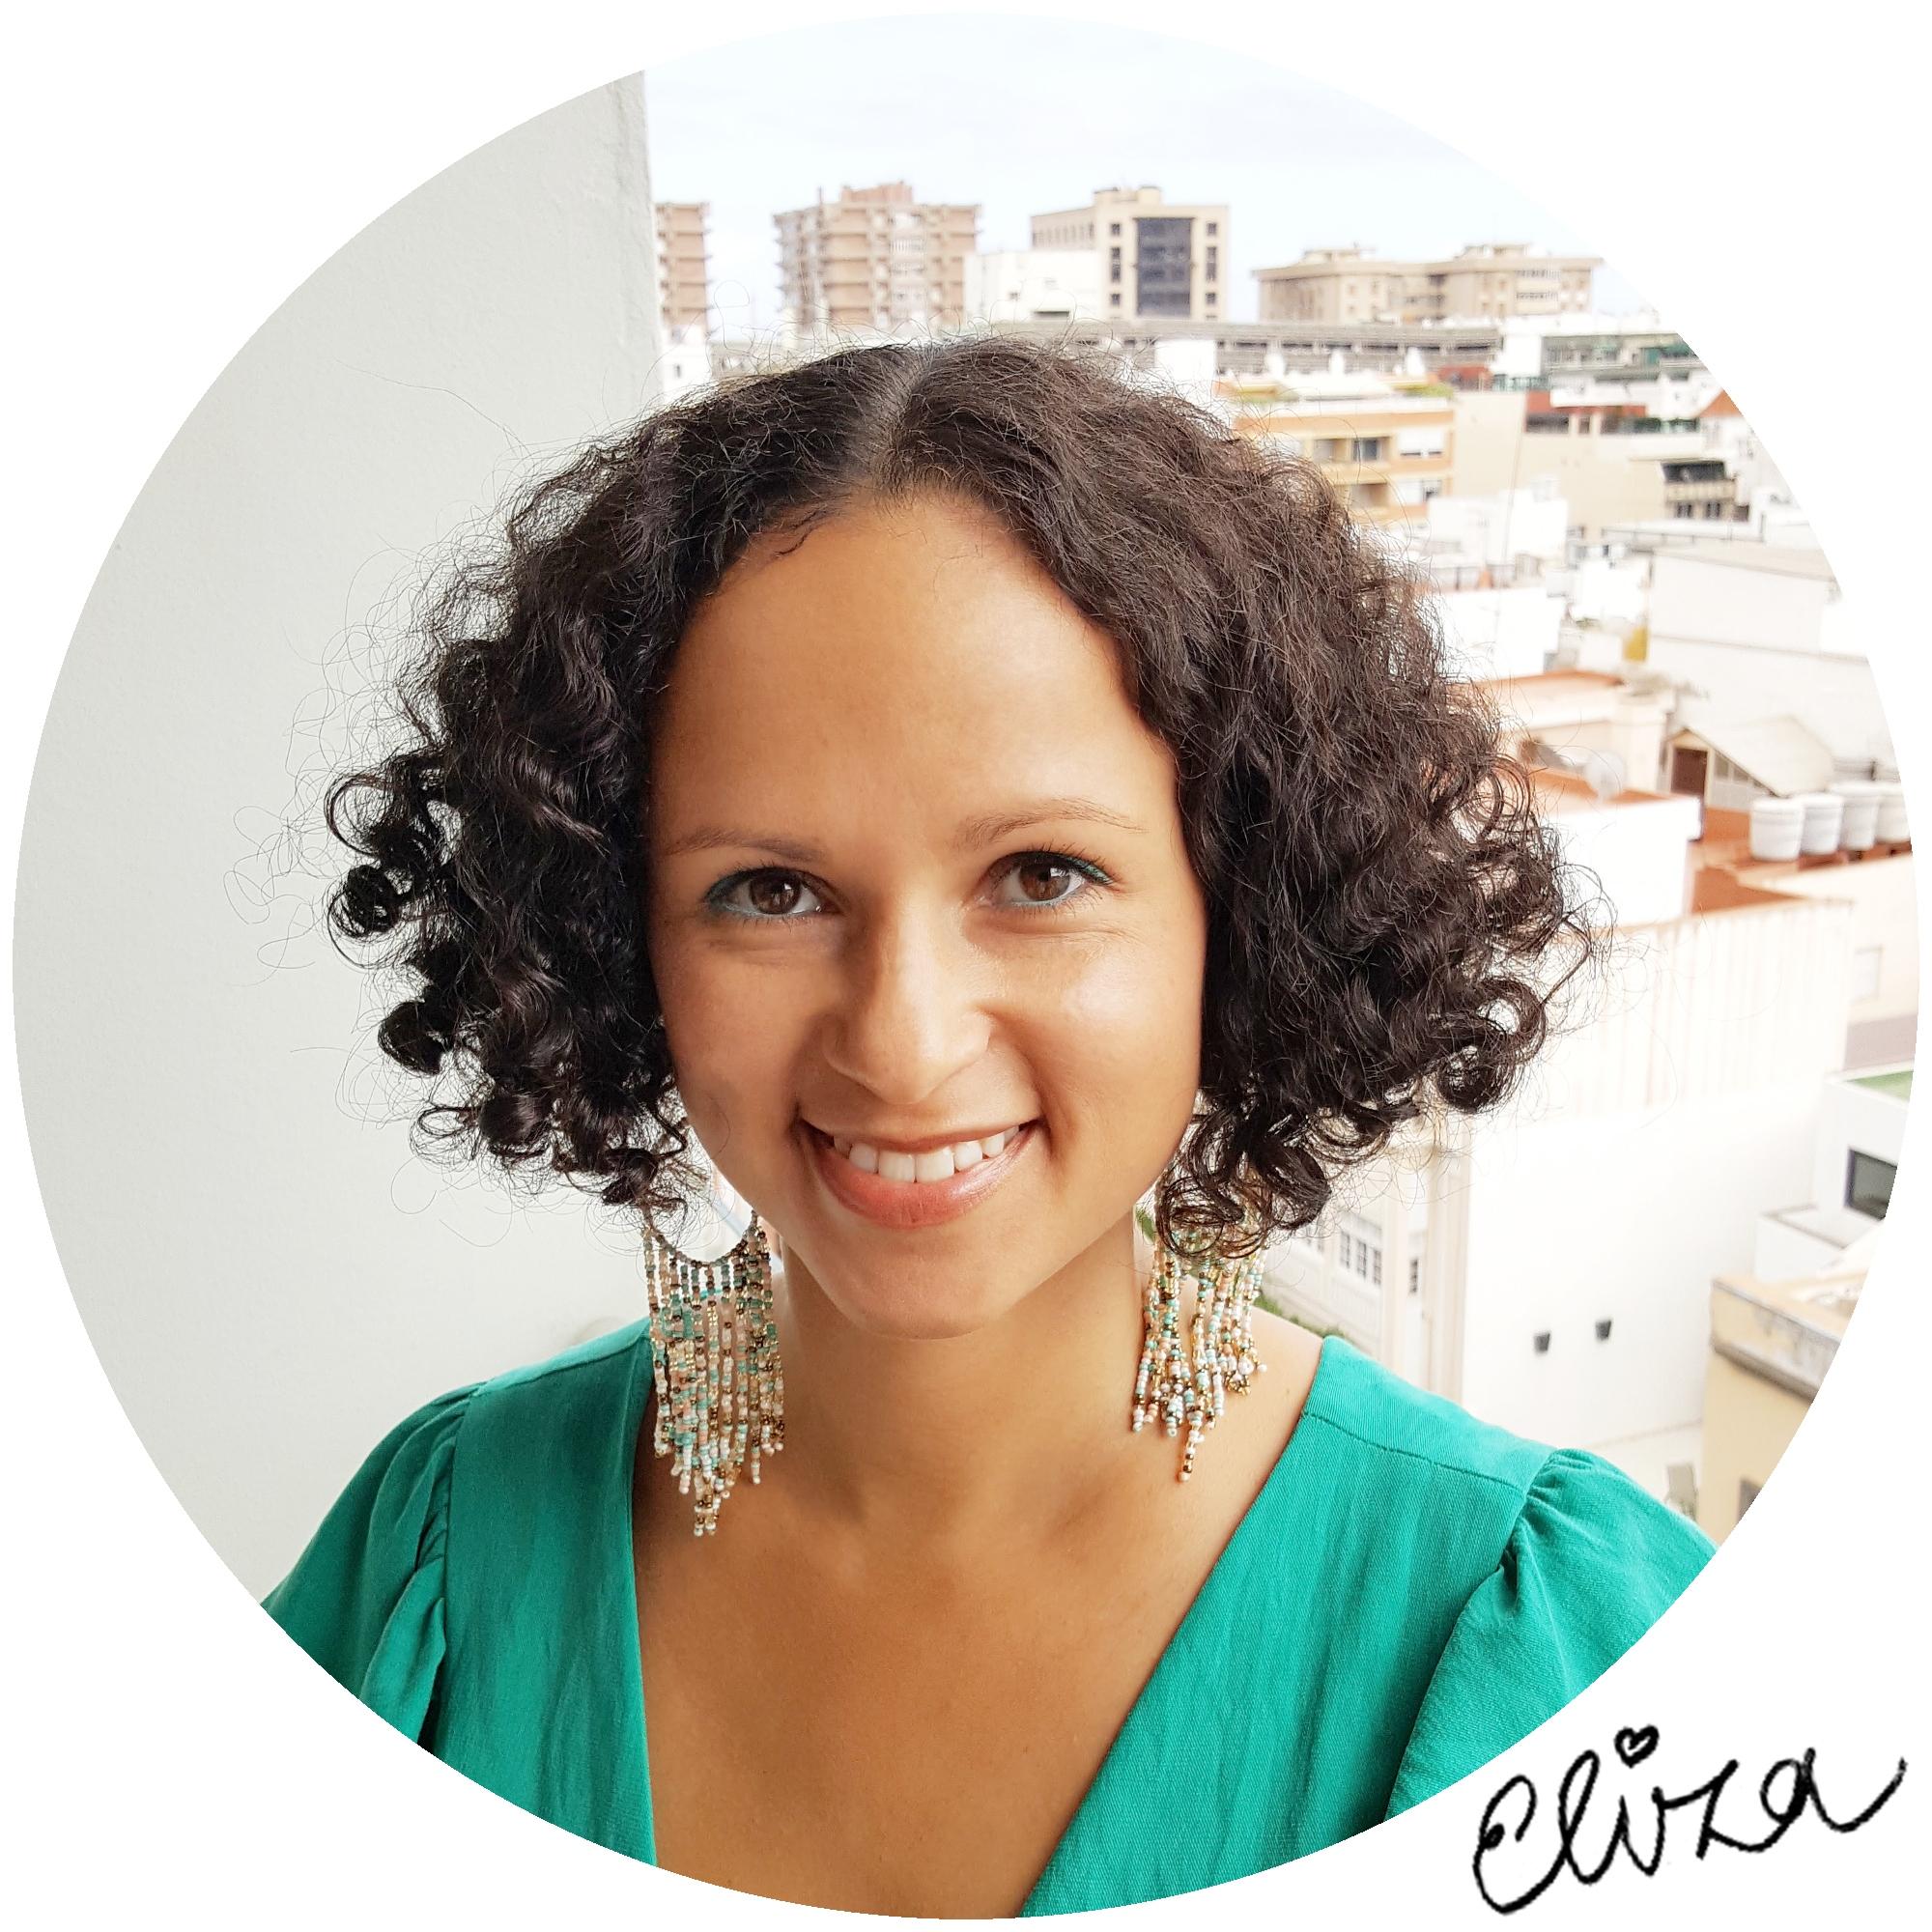 Eliza DIY MODE Profilfoto groß 1